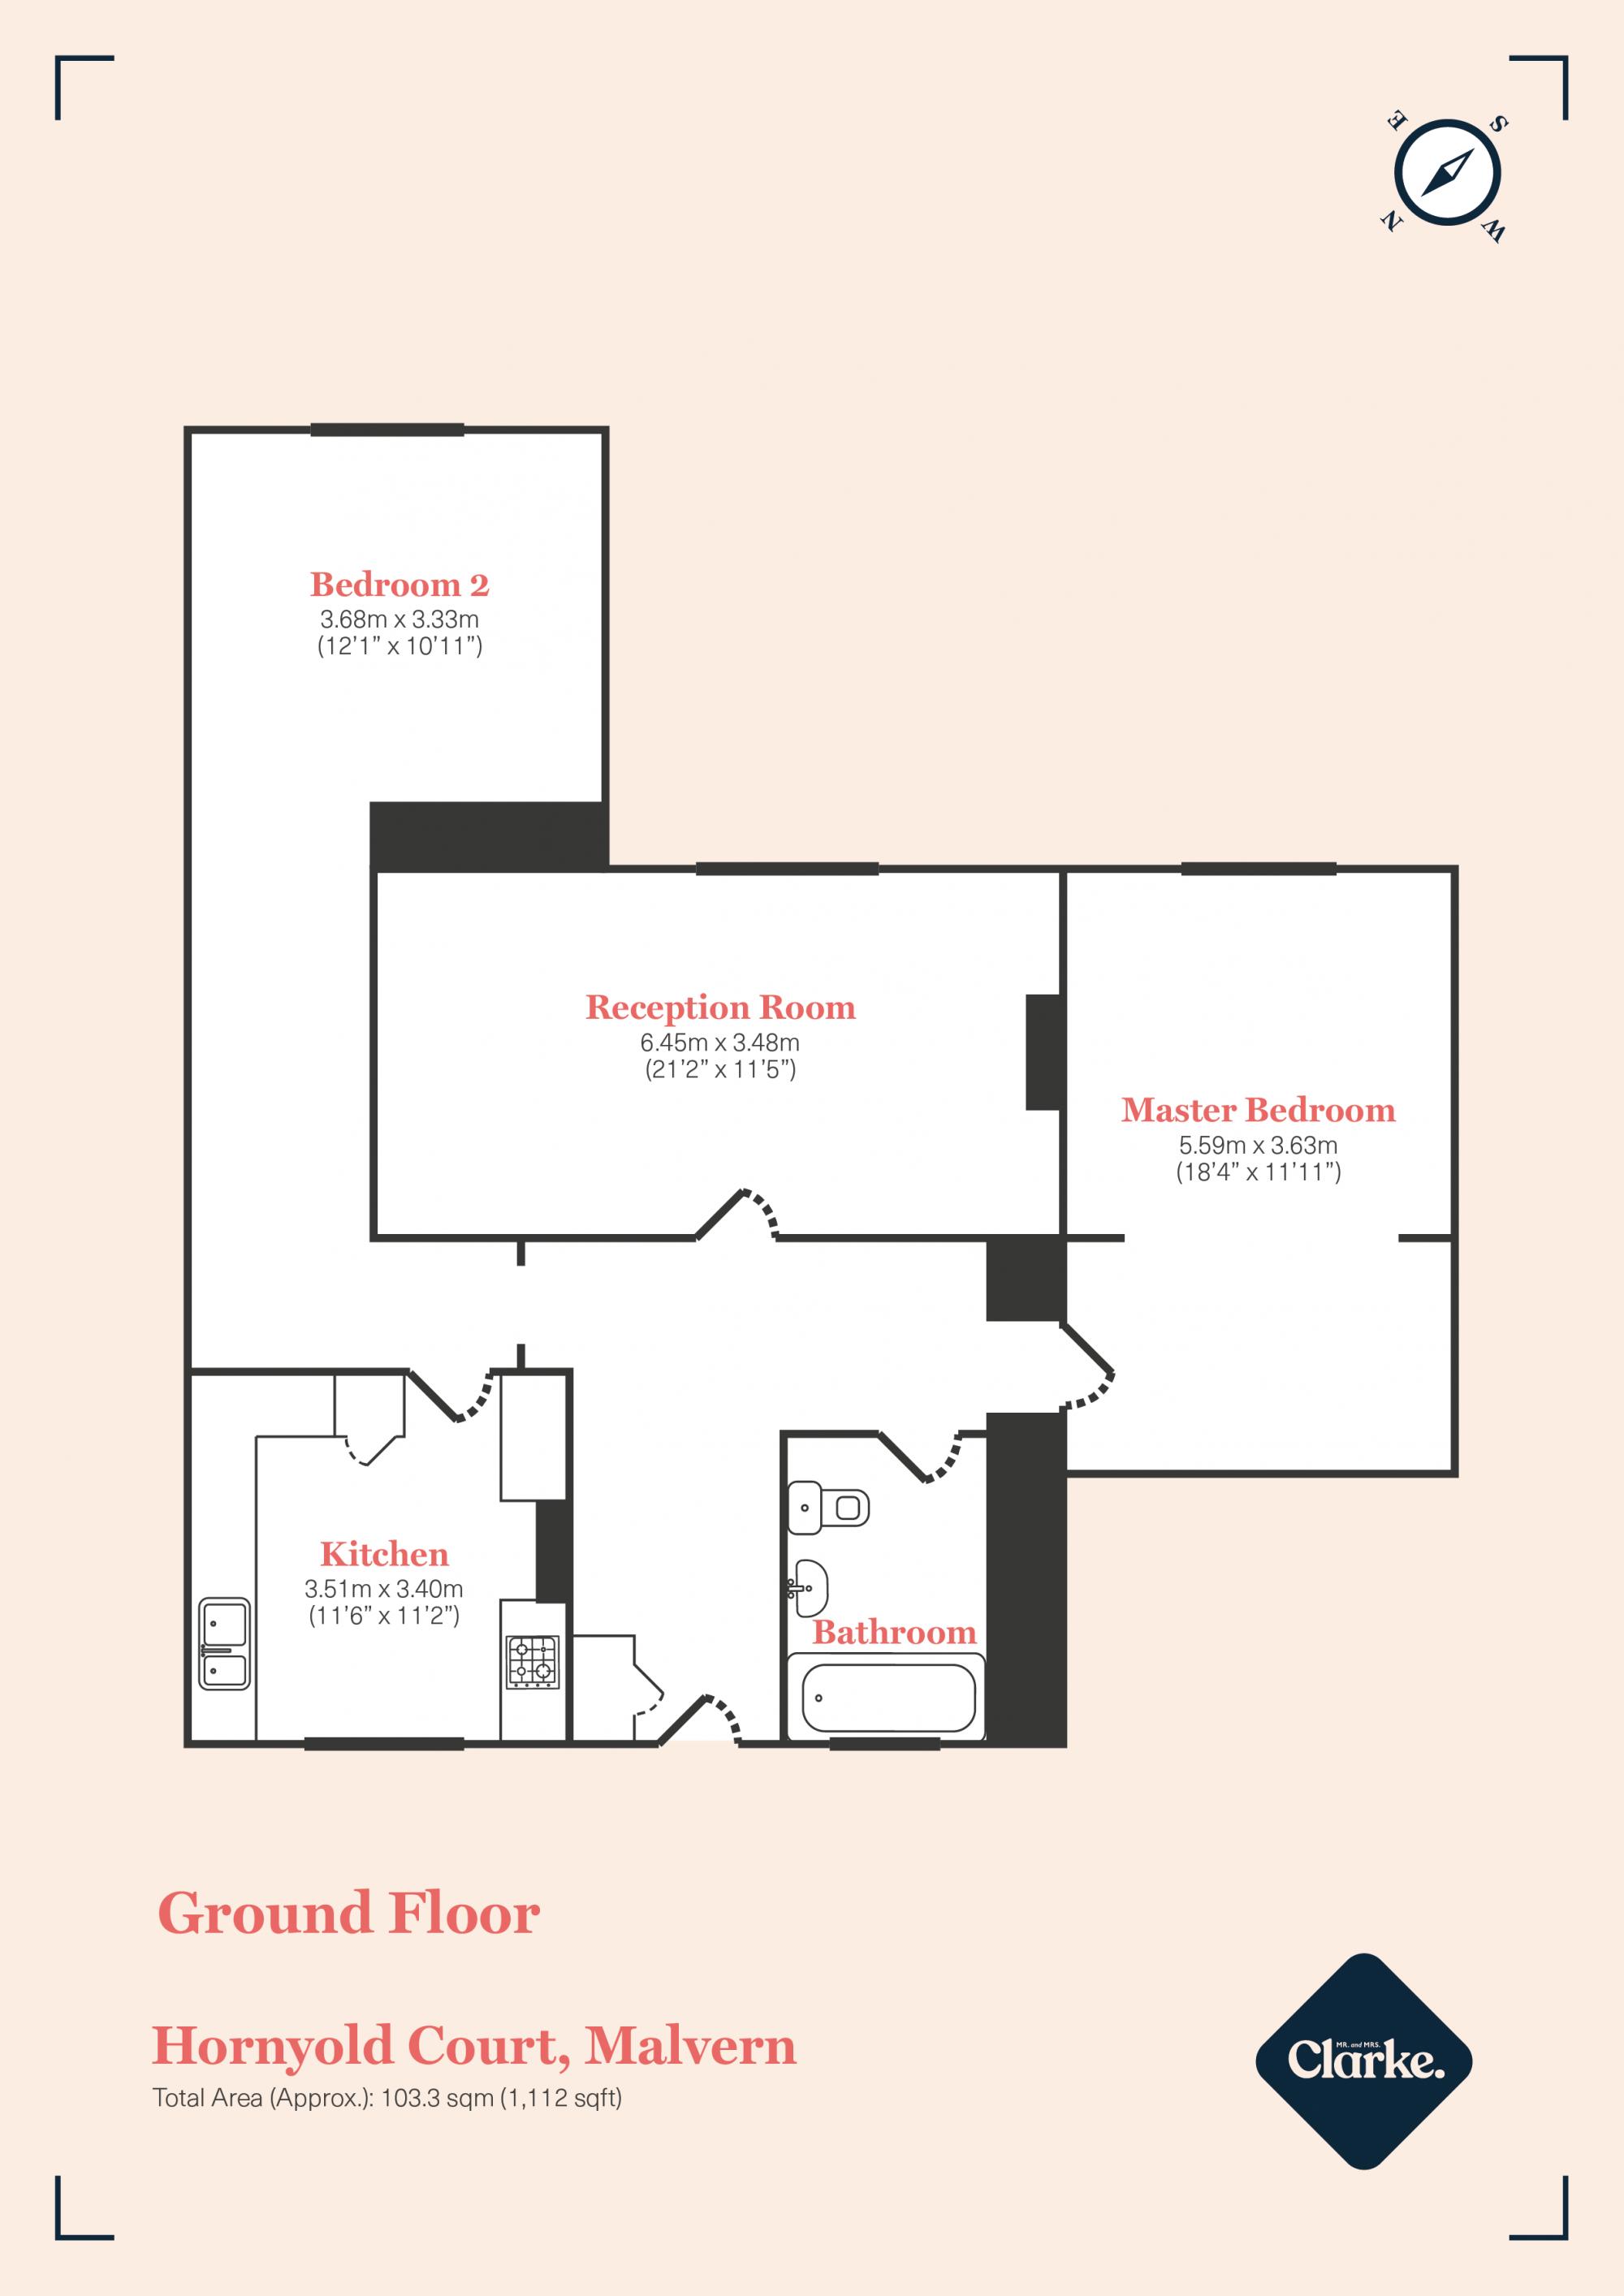 Hornyold Court, Malvern. Floorplan.